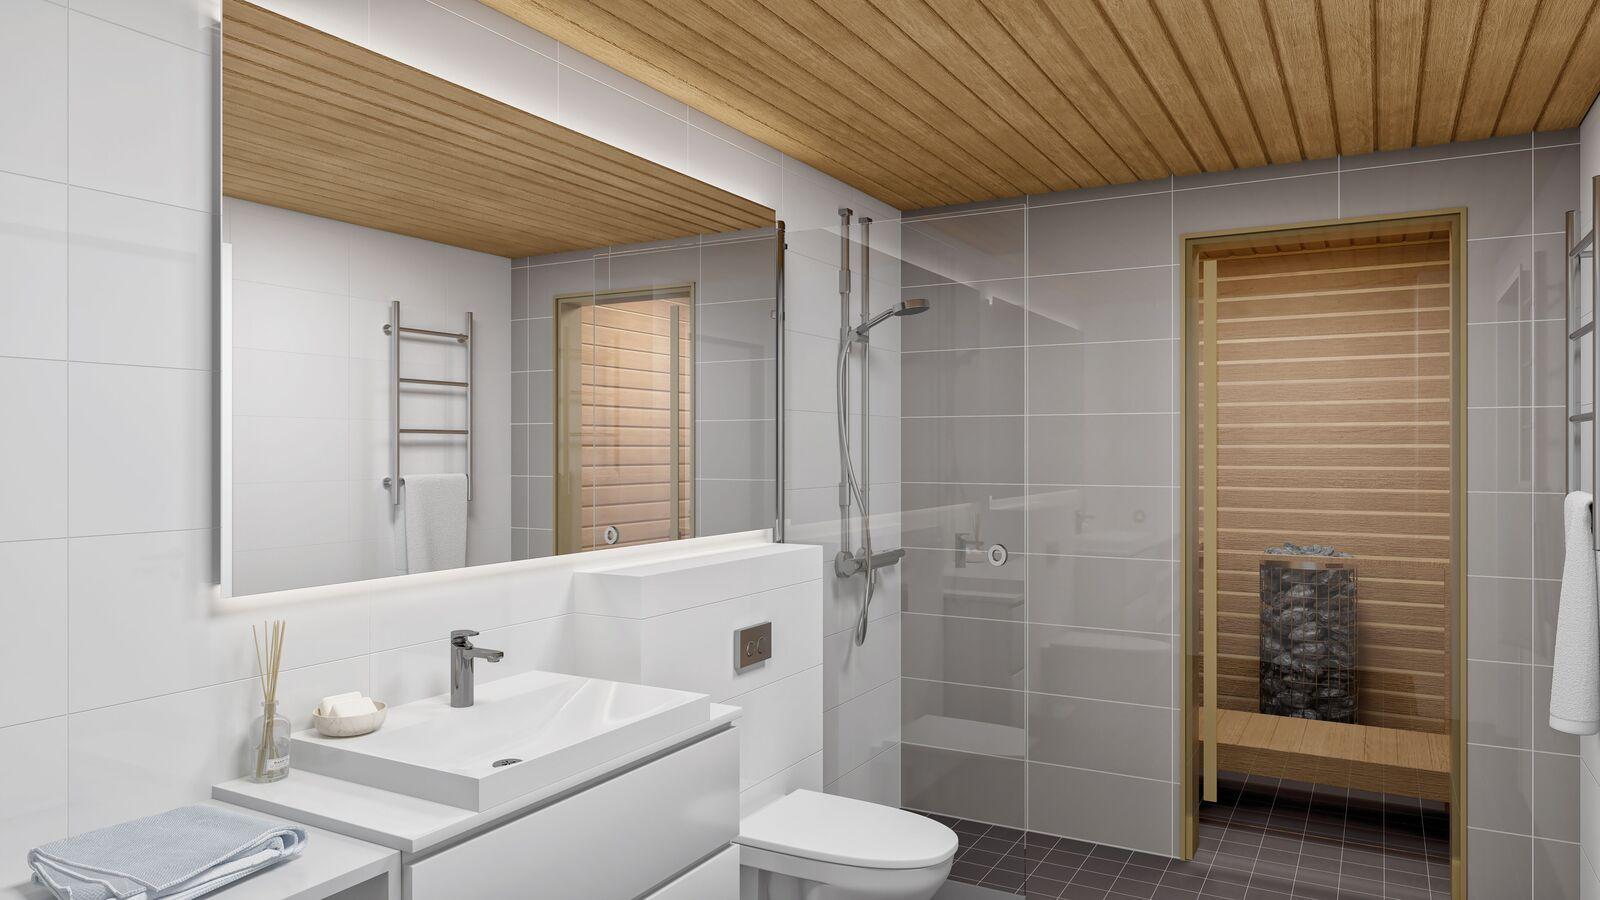 Havainnekuva. Kylpyhuone + sauna title=